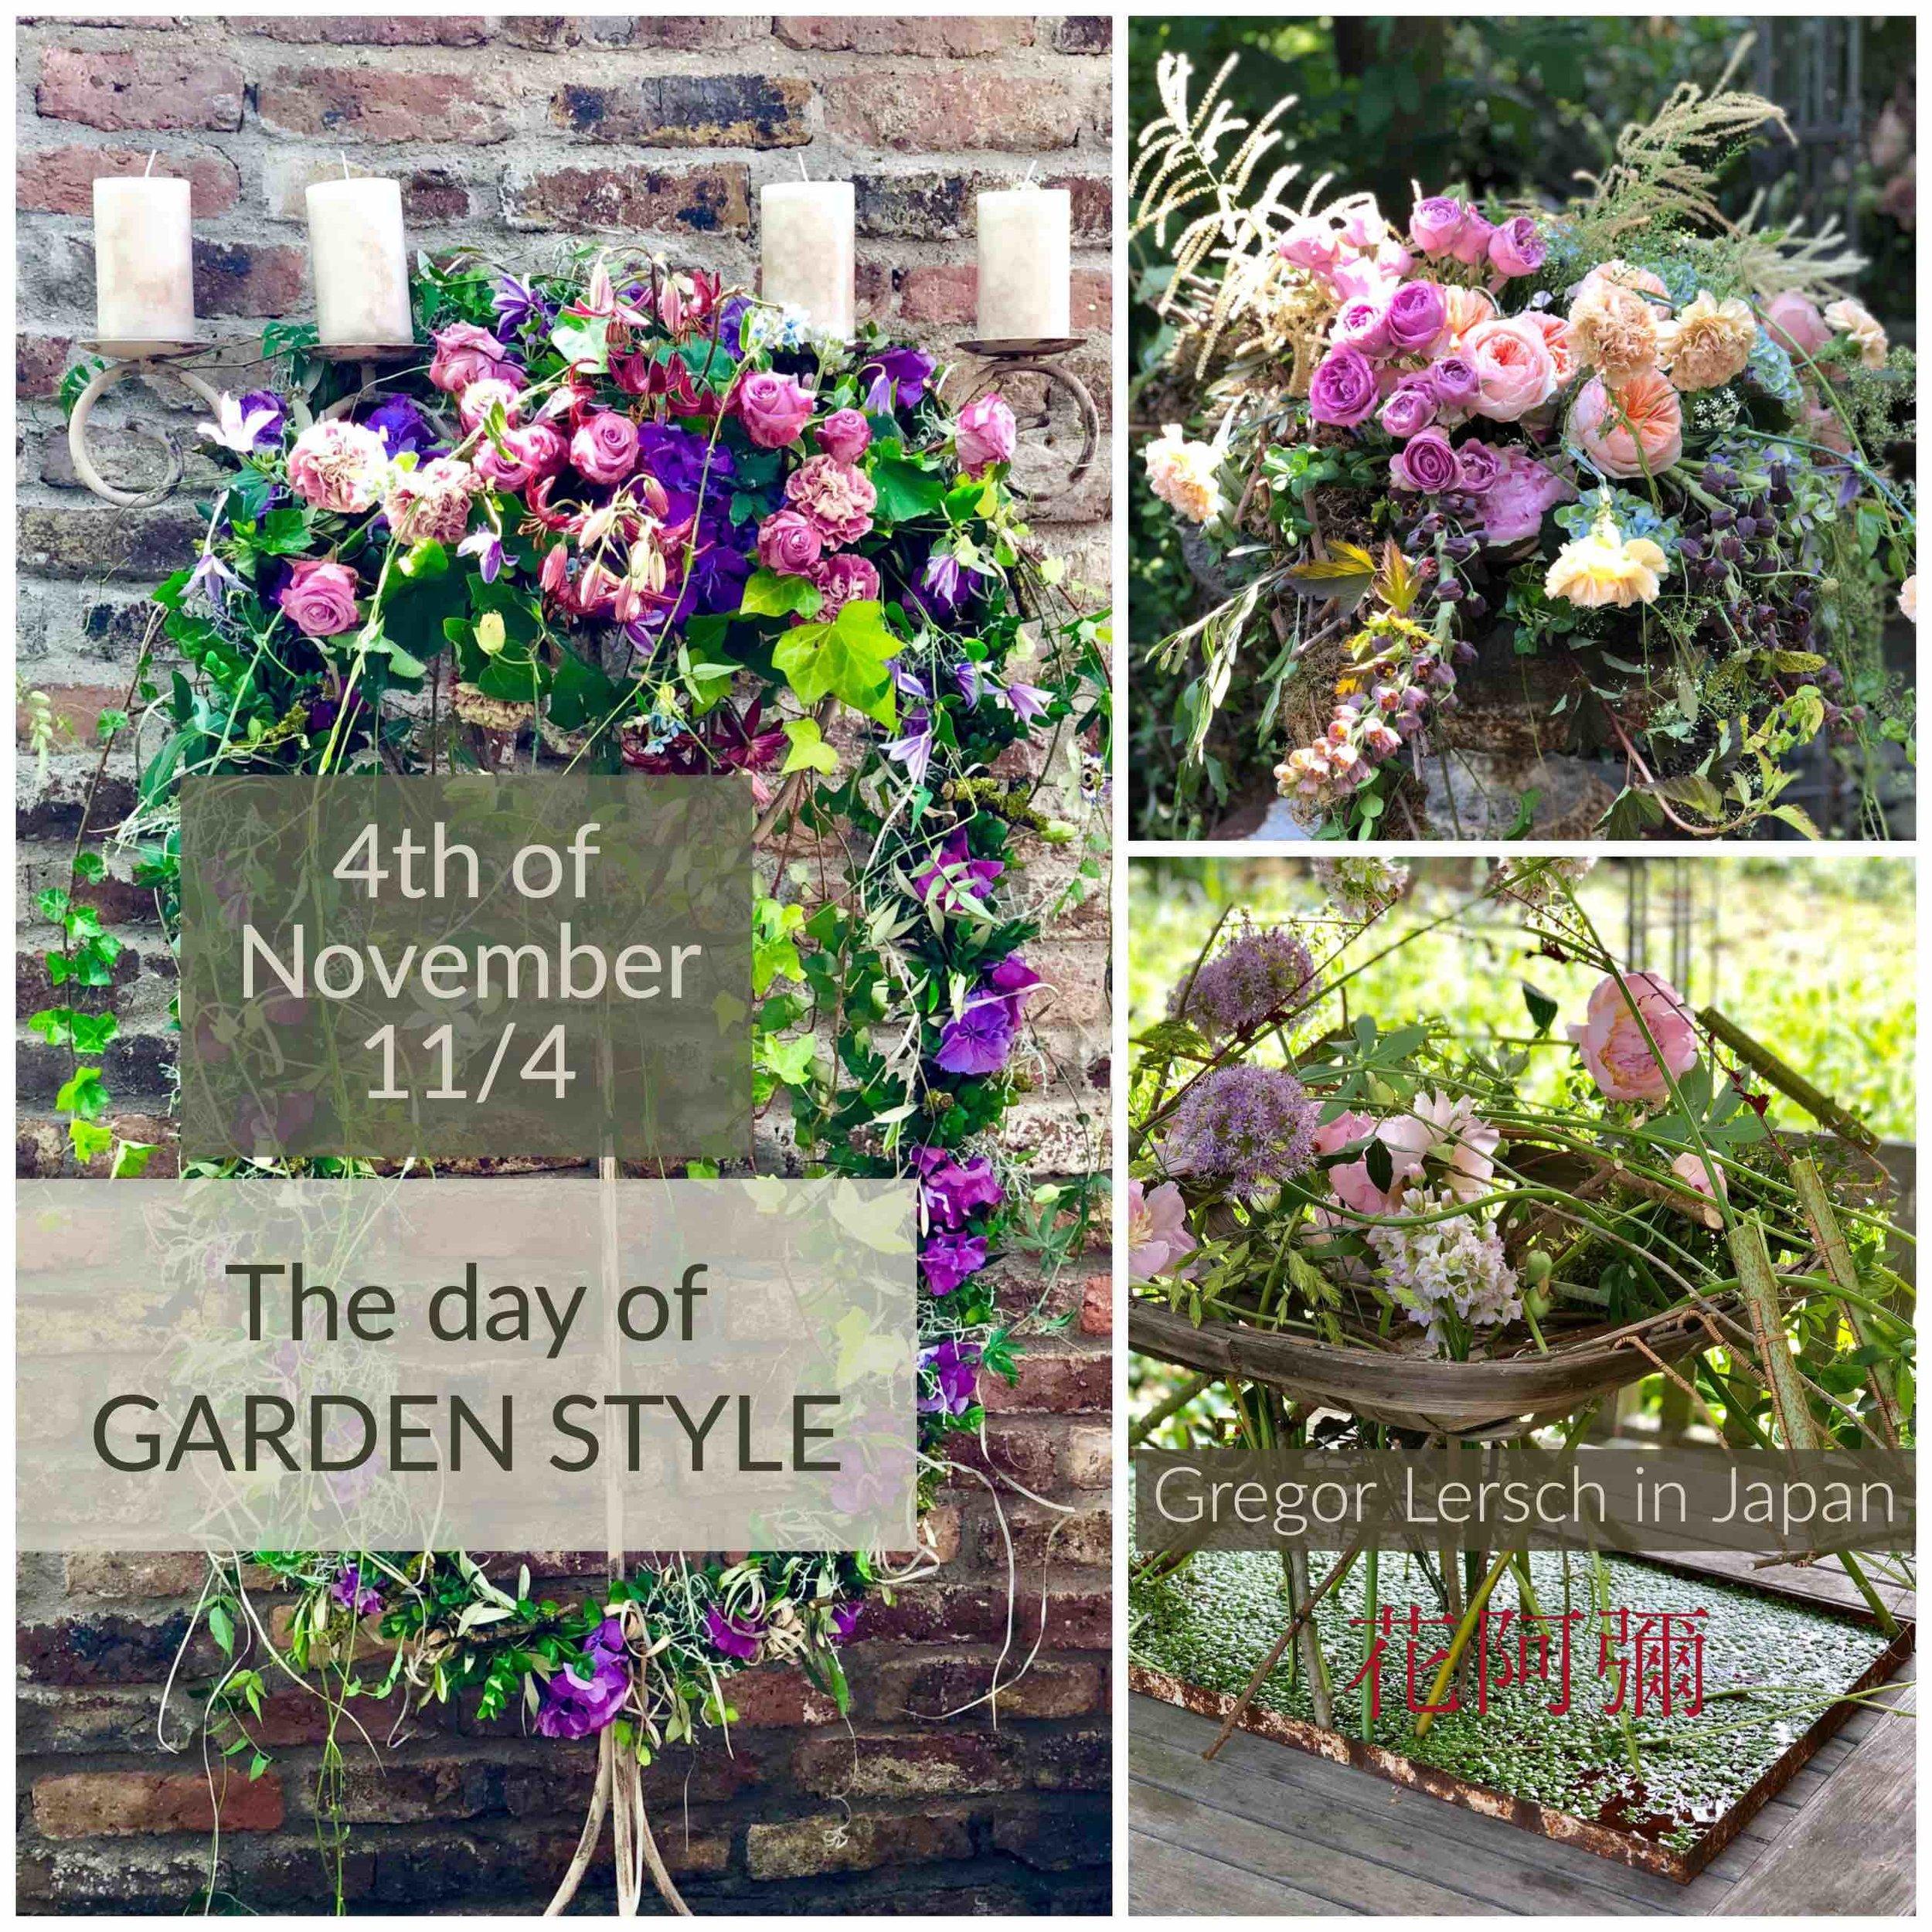 Day 3 Garden Style 11/4